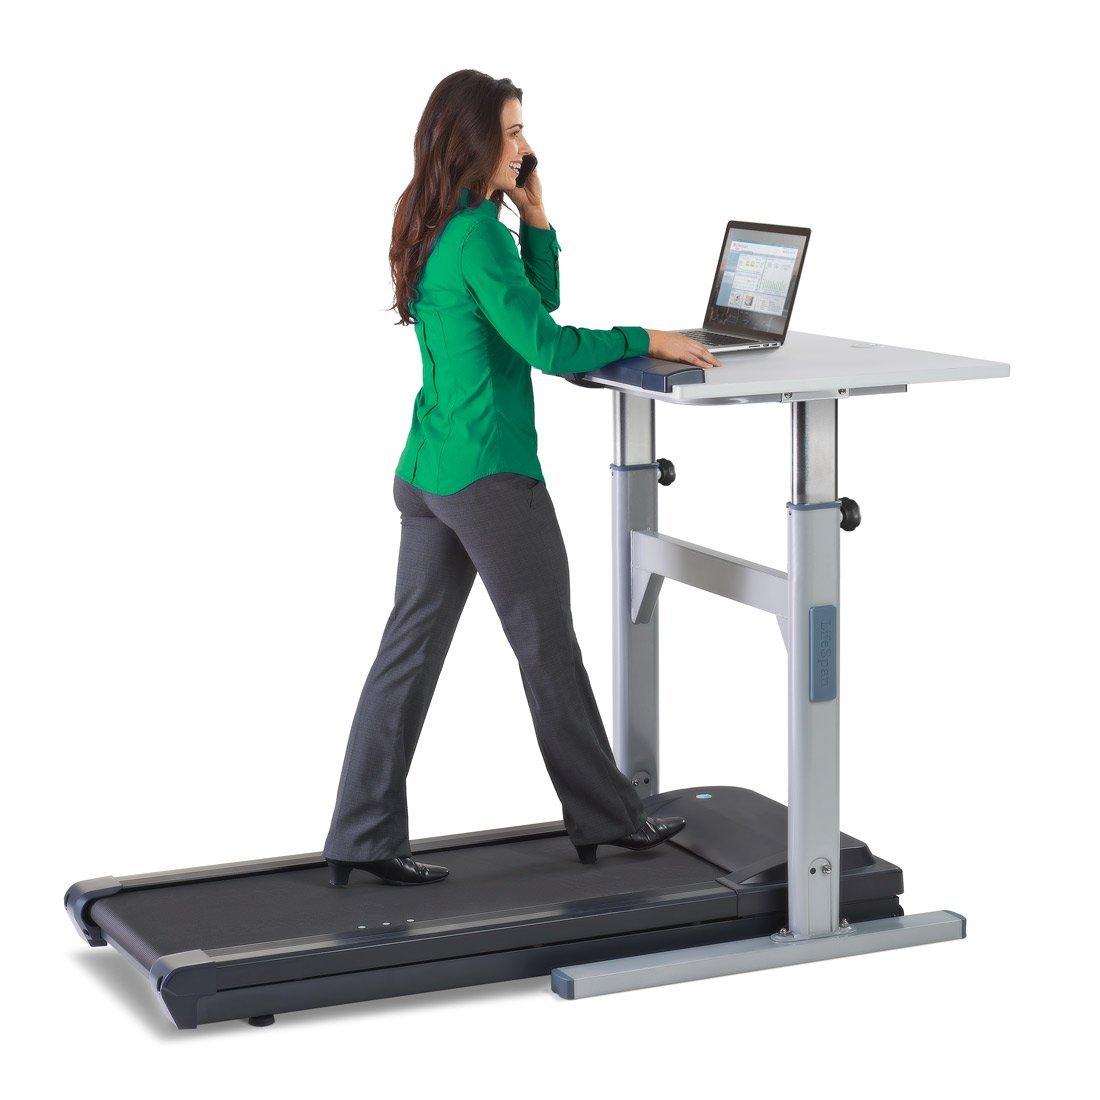 Office treadmill desk